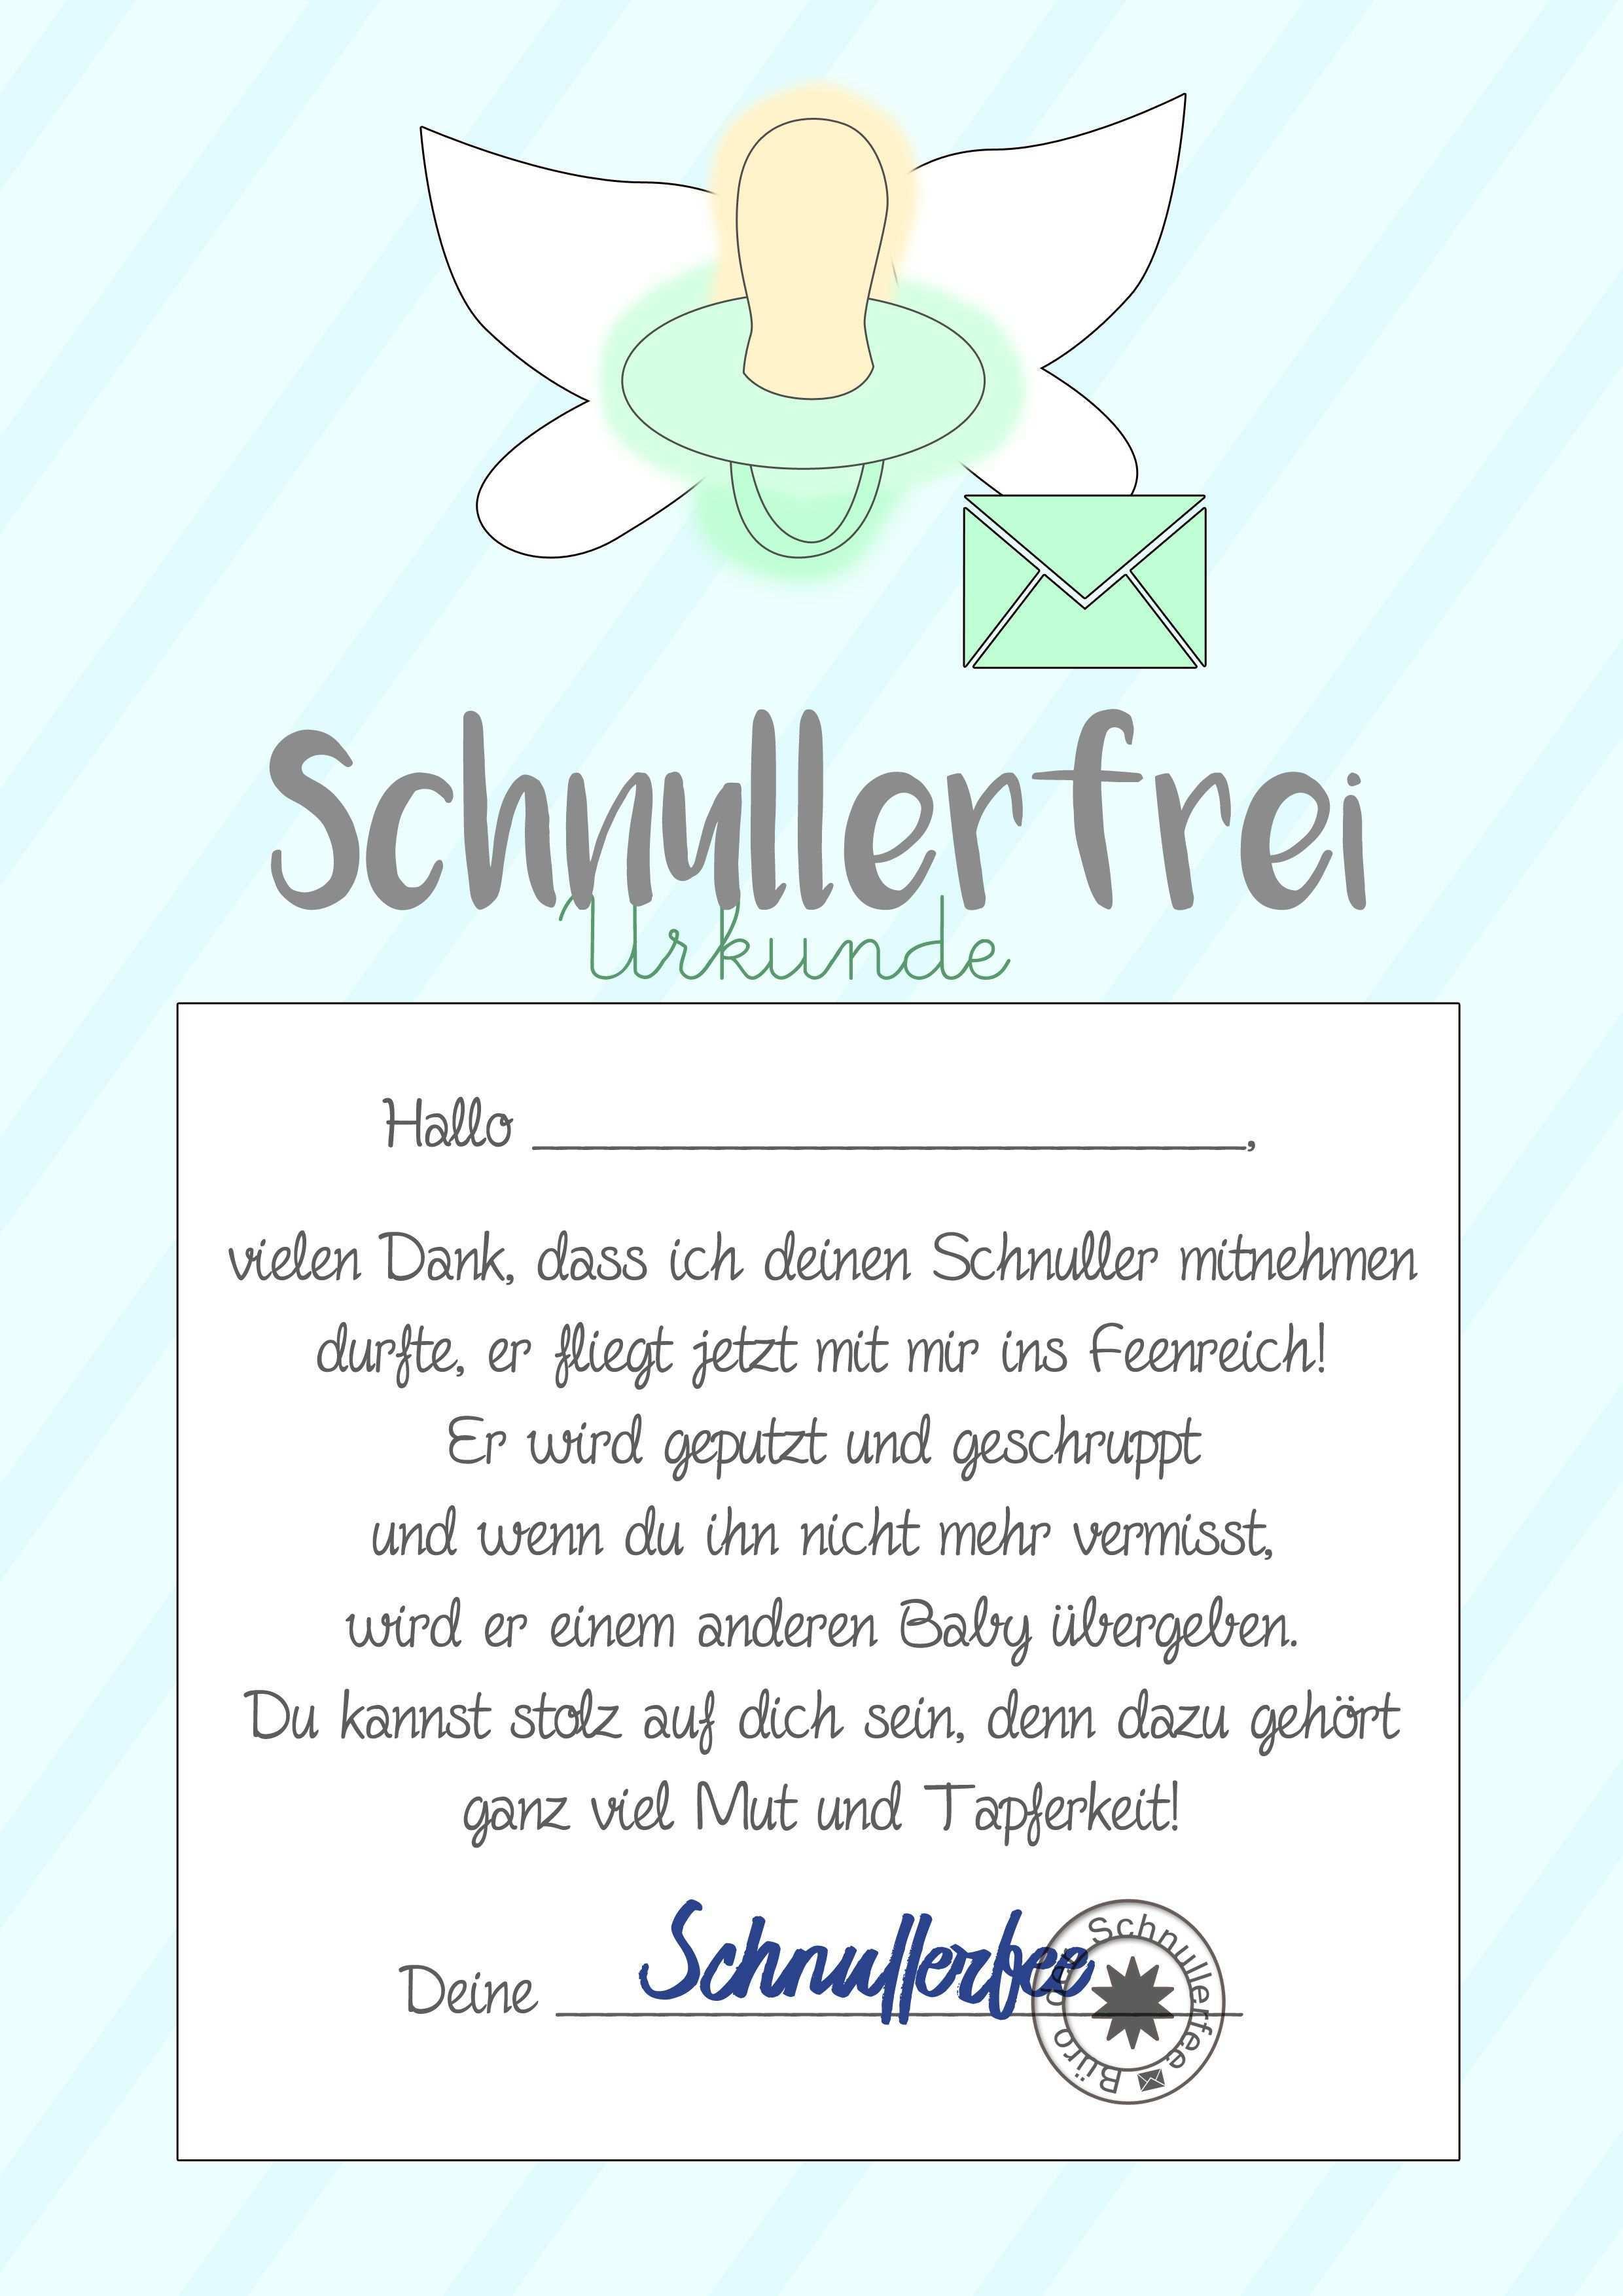 Schnullerfee Brief Vorlage Zum Ausdrucken Schnullerfee Elternbriefe Schnuller